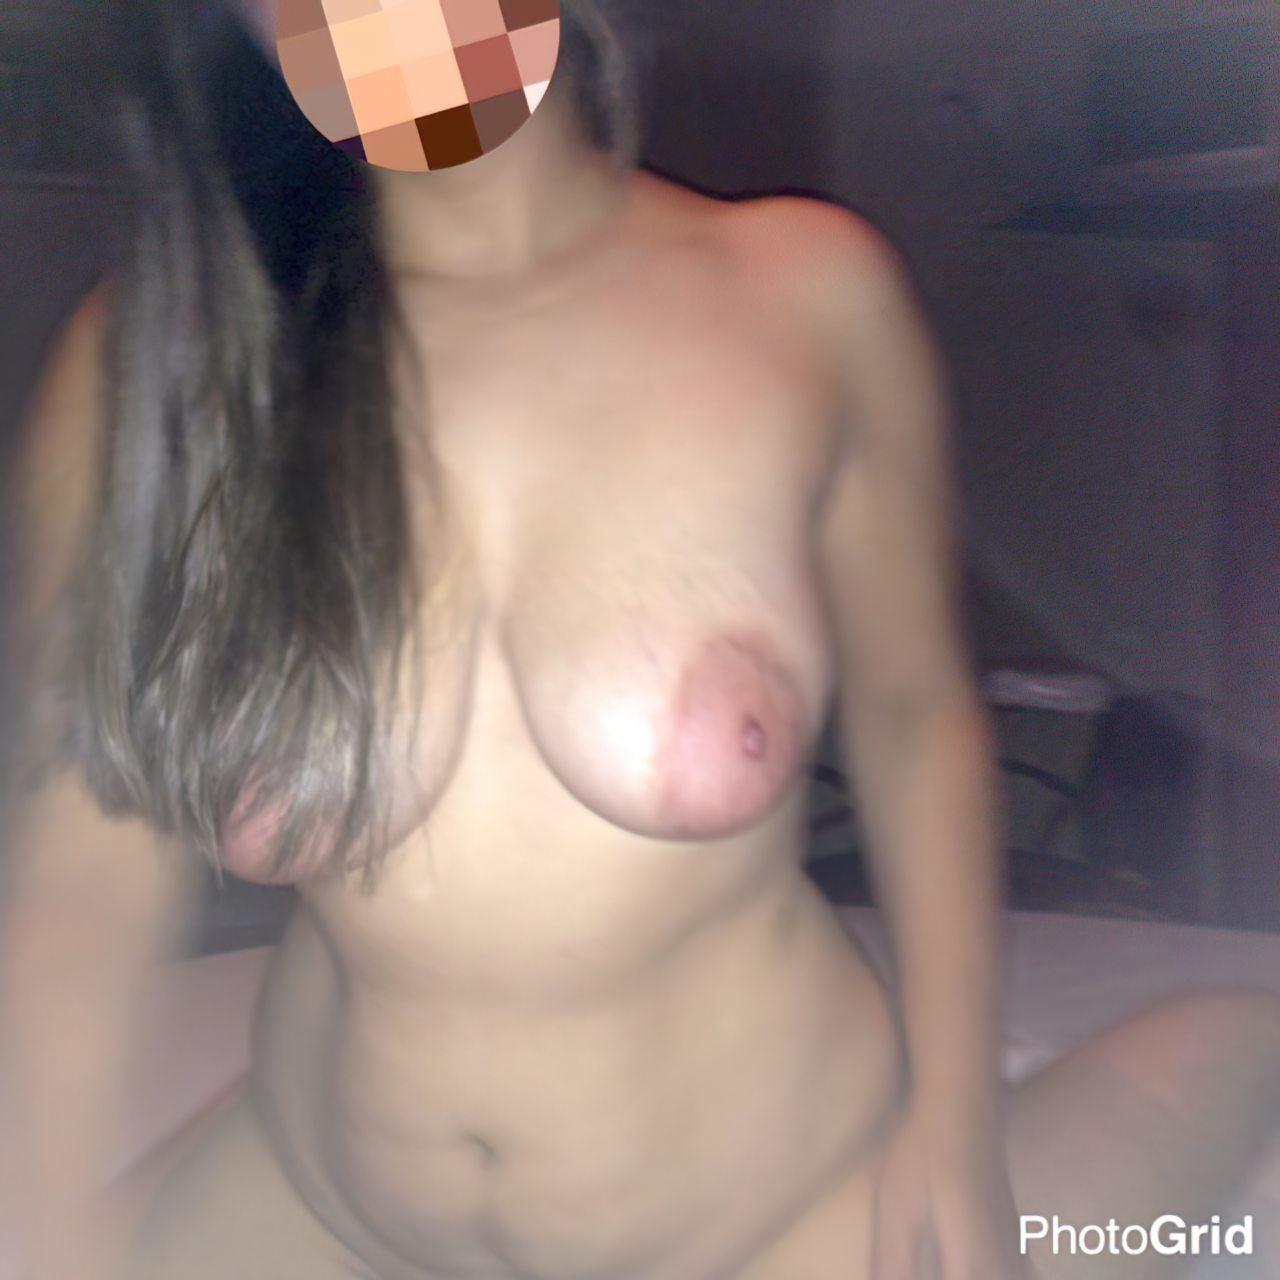 Esposa Sexo Marido (6)